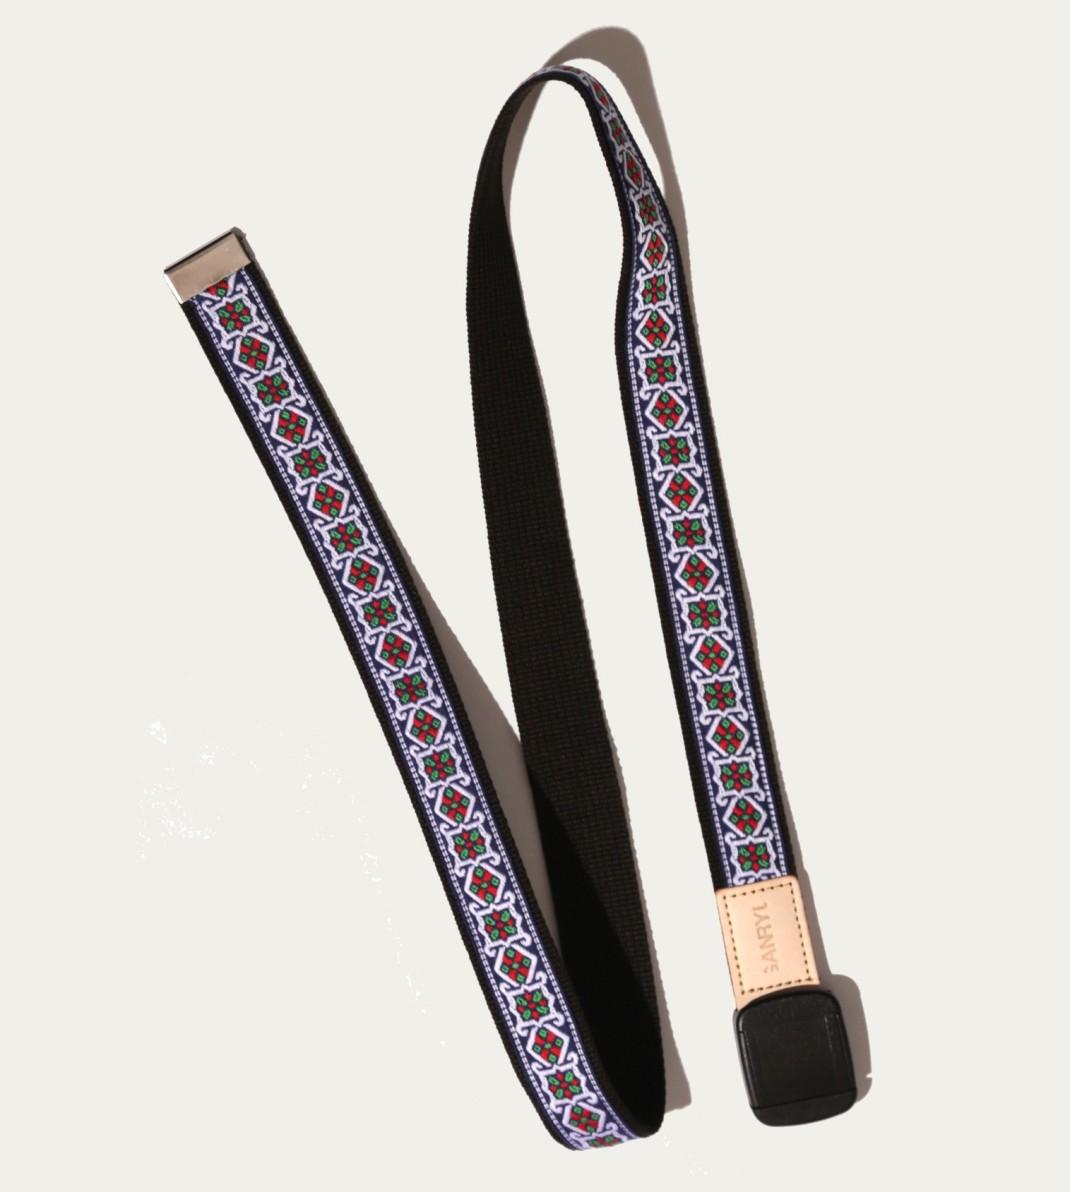 GANRYU_Embroidered_Motif_Belt